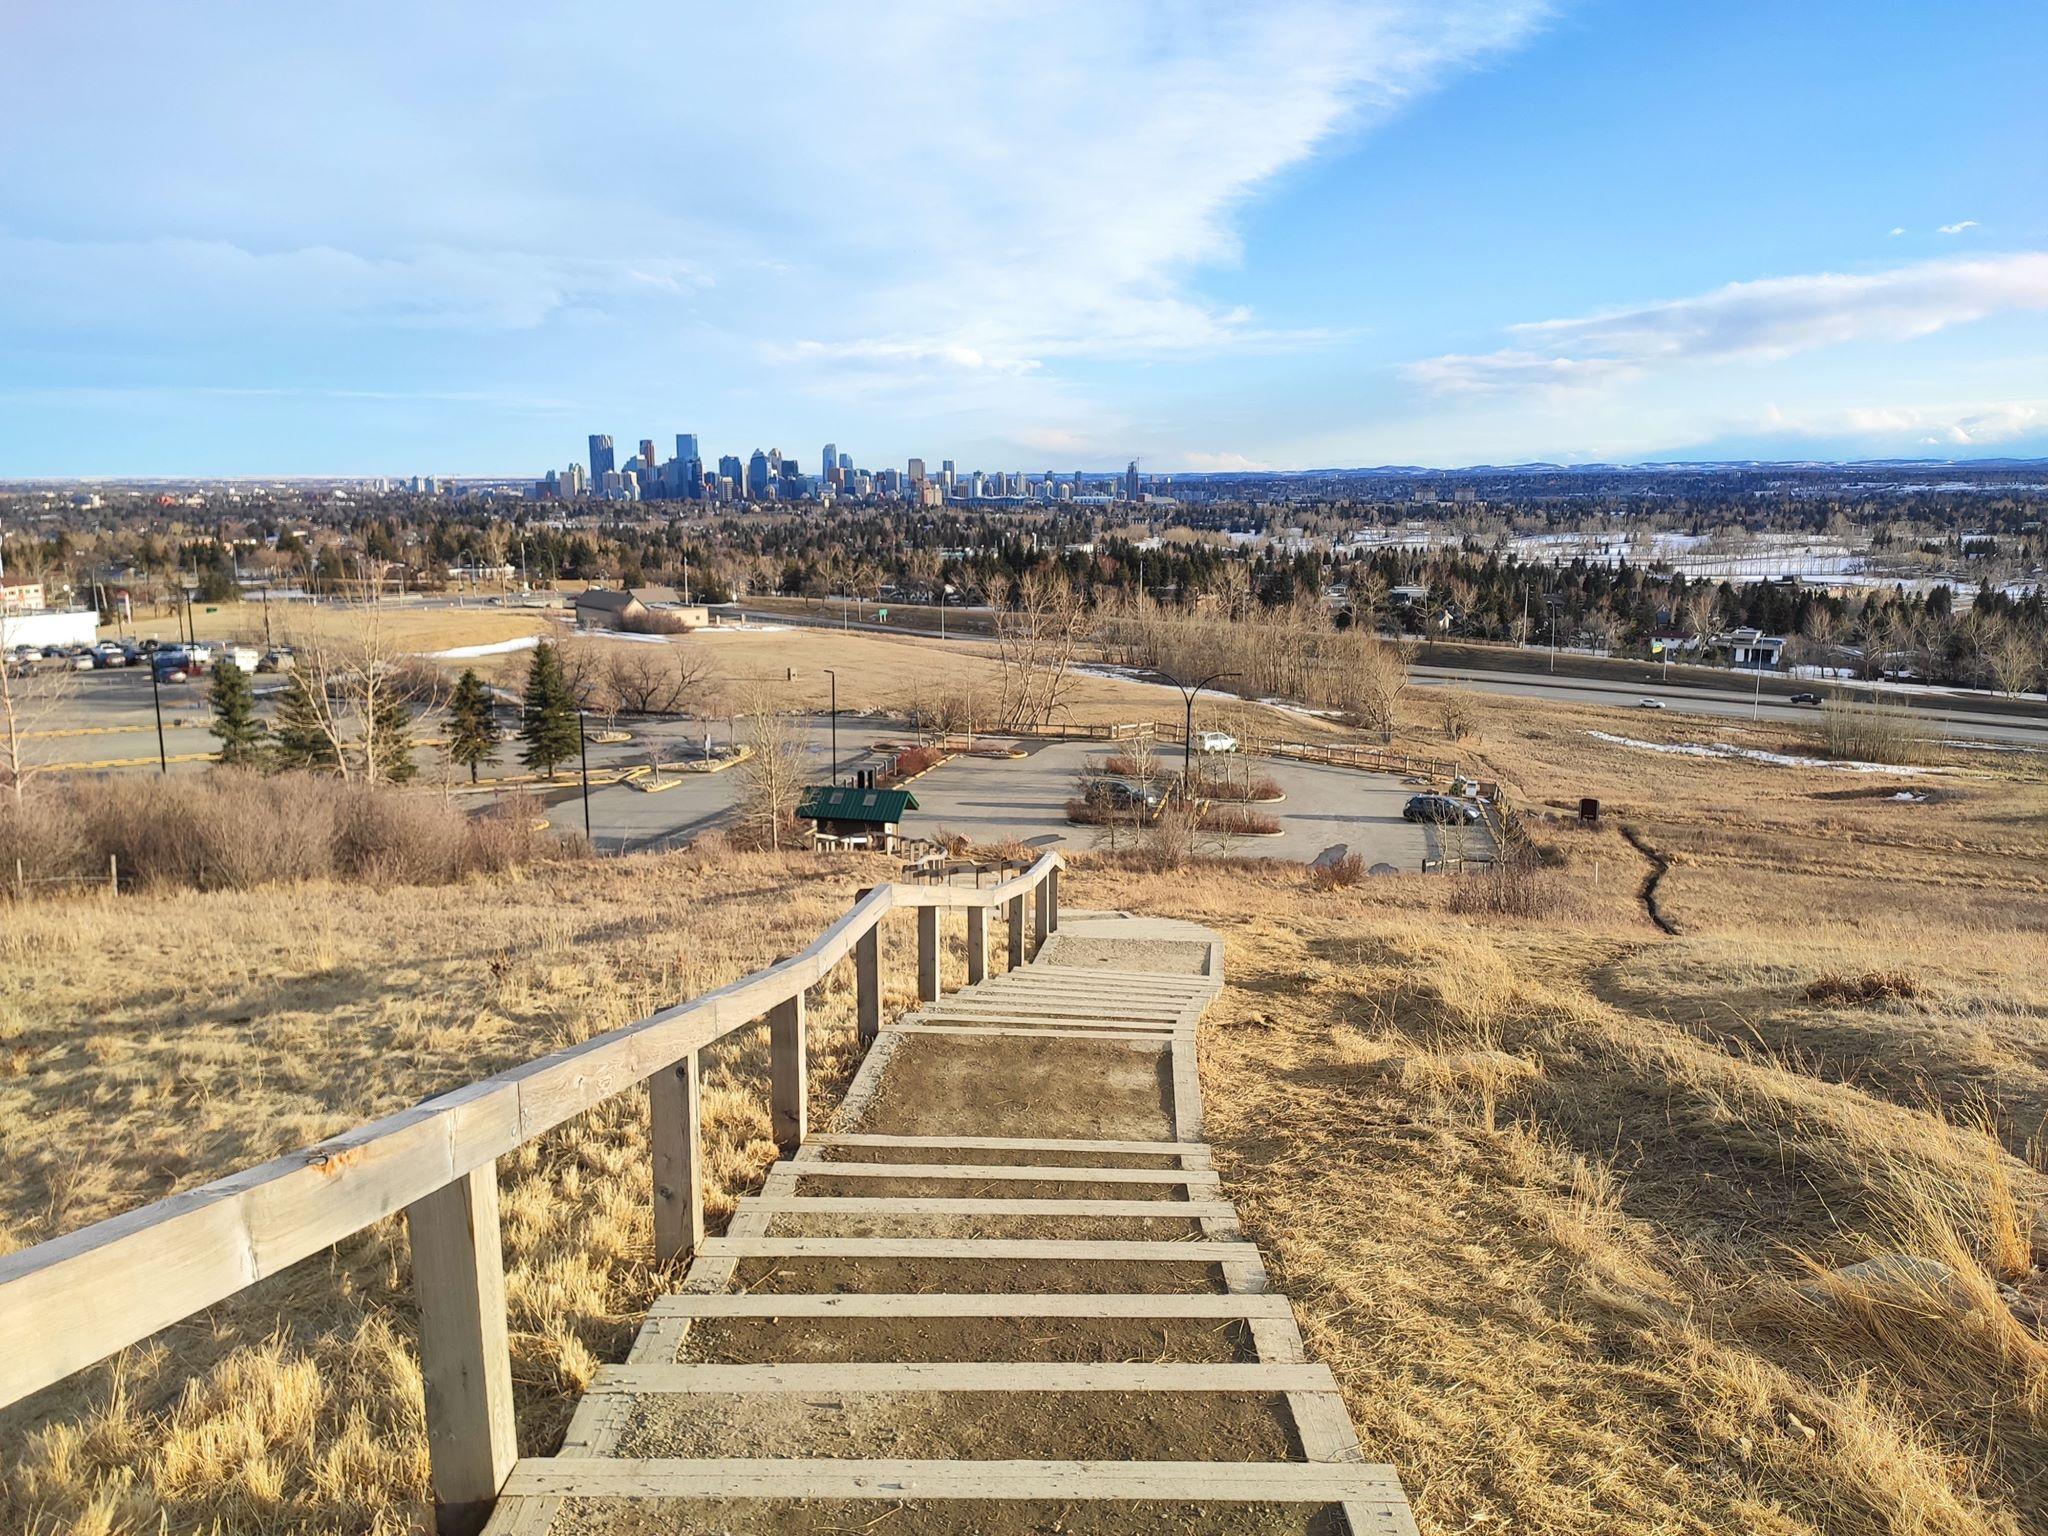 Это вид на даунтаун одного из отдаленных парков города. Тут даже олени свободно пасутся. Но это всё ещё город, а не пригород<br>